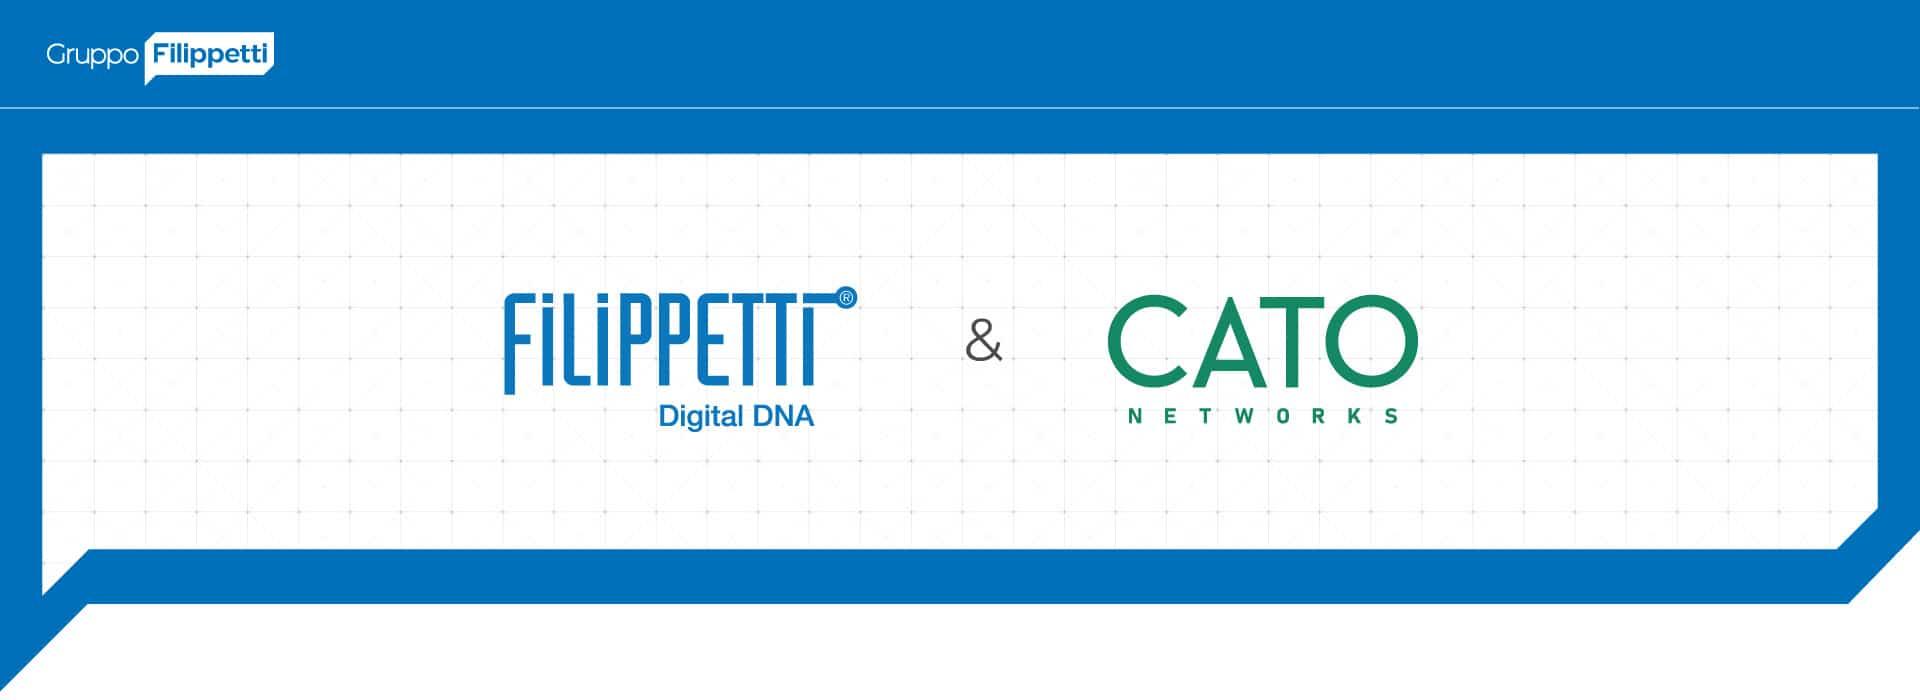 Filippetti sigla la partnership con Cato Networks e amplia la sua gamma di servizi nel mondo SD-WAN.